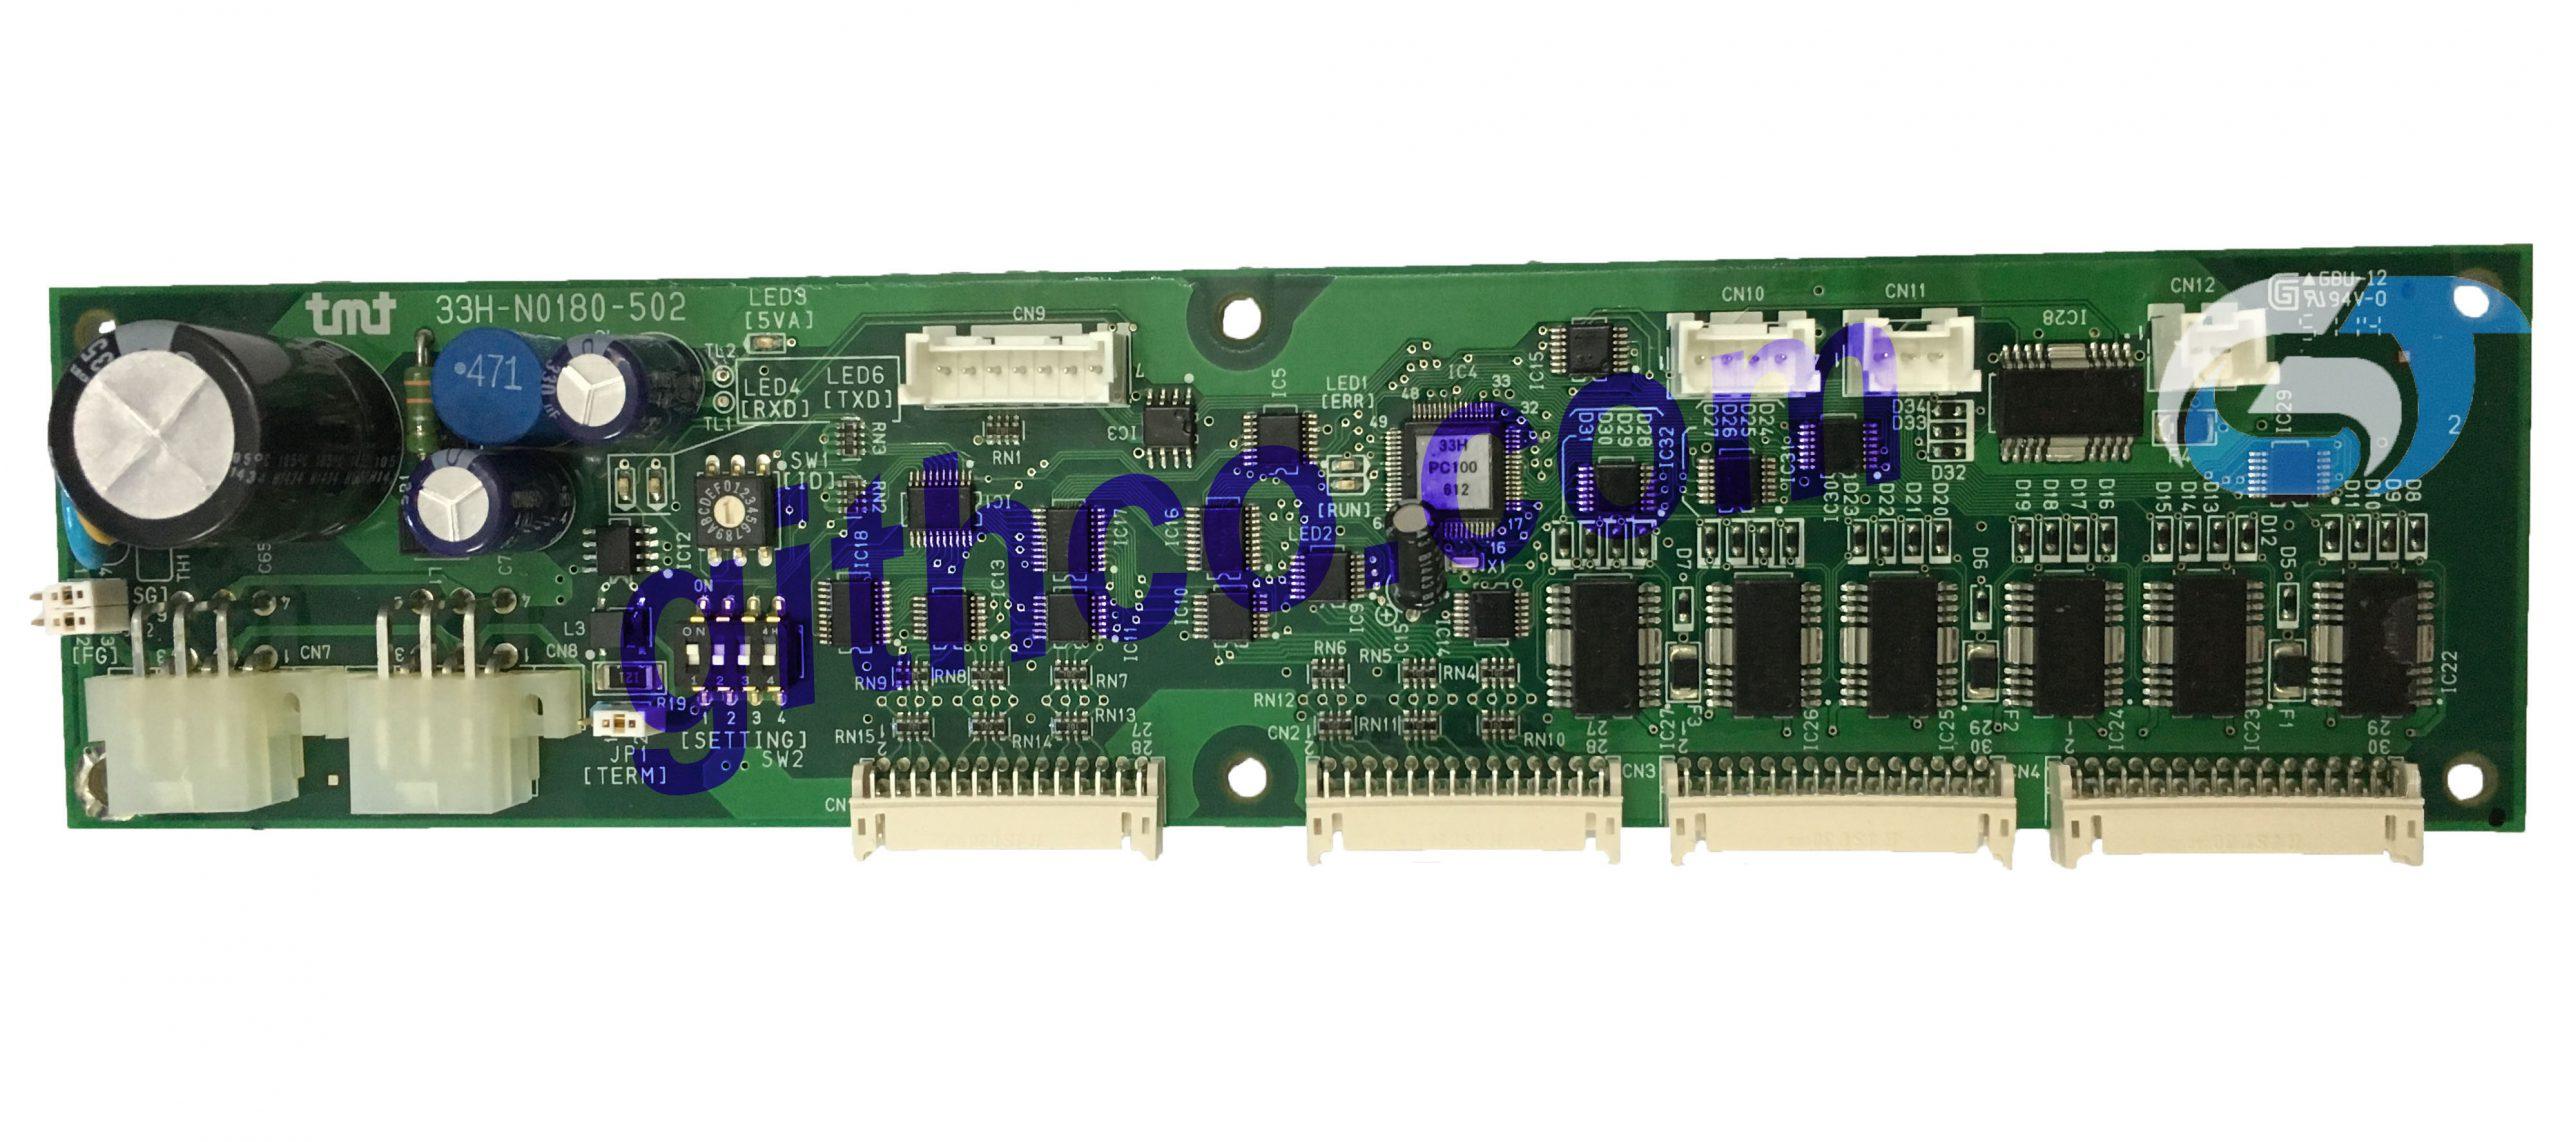 Mạch điện tử dùng trong máy dệt TMT Nhật Bản 33H-0180-502